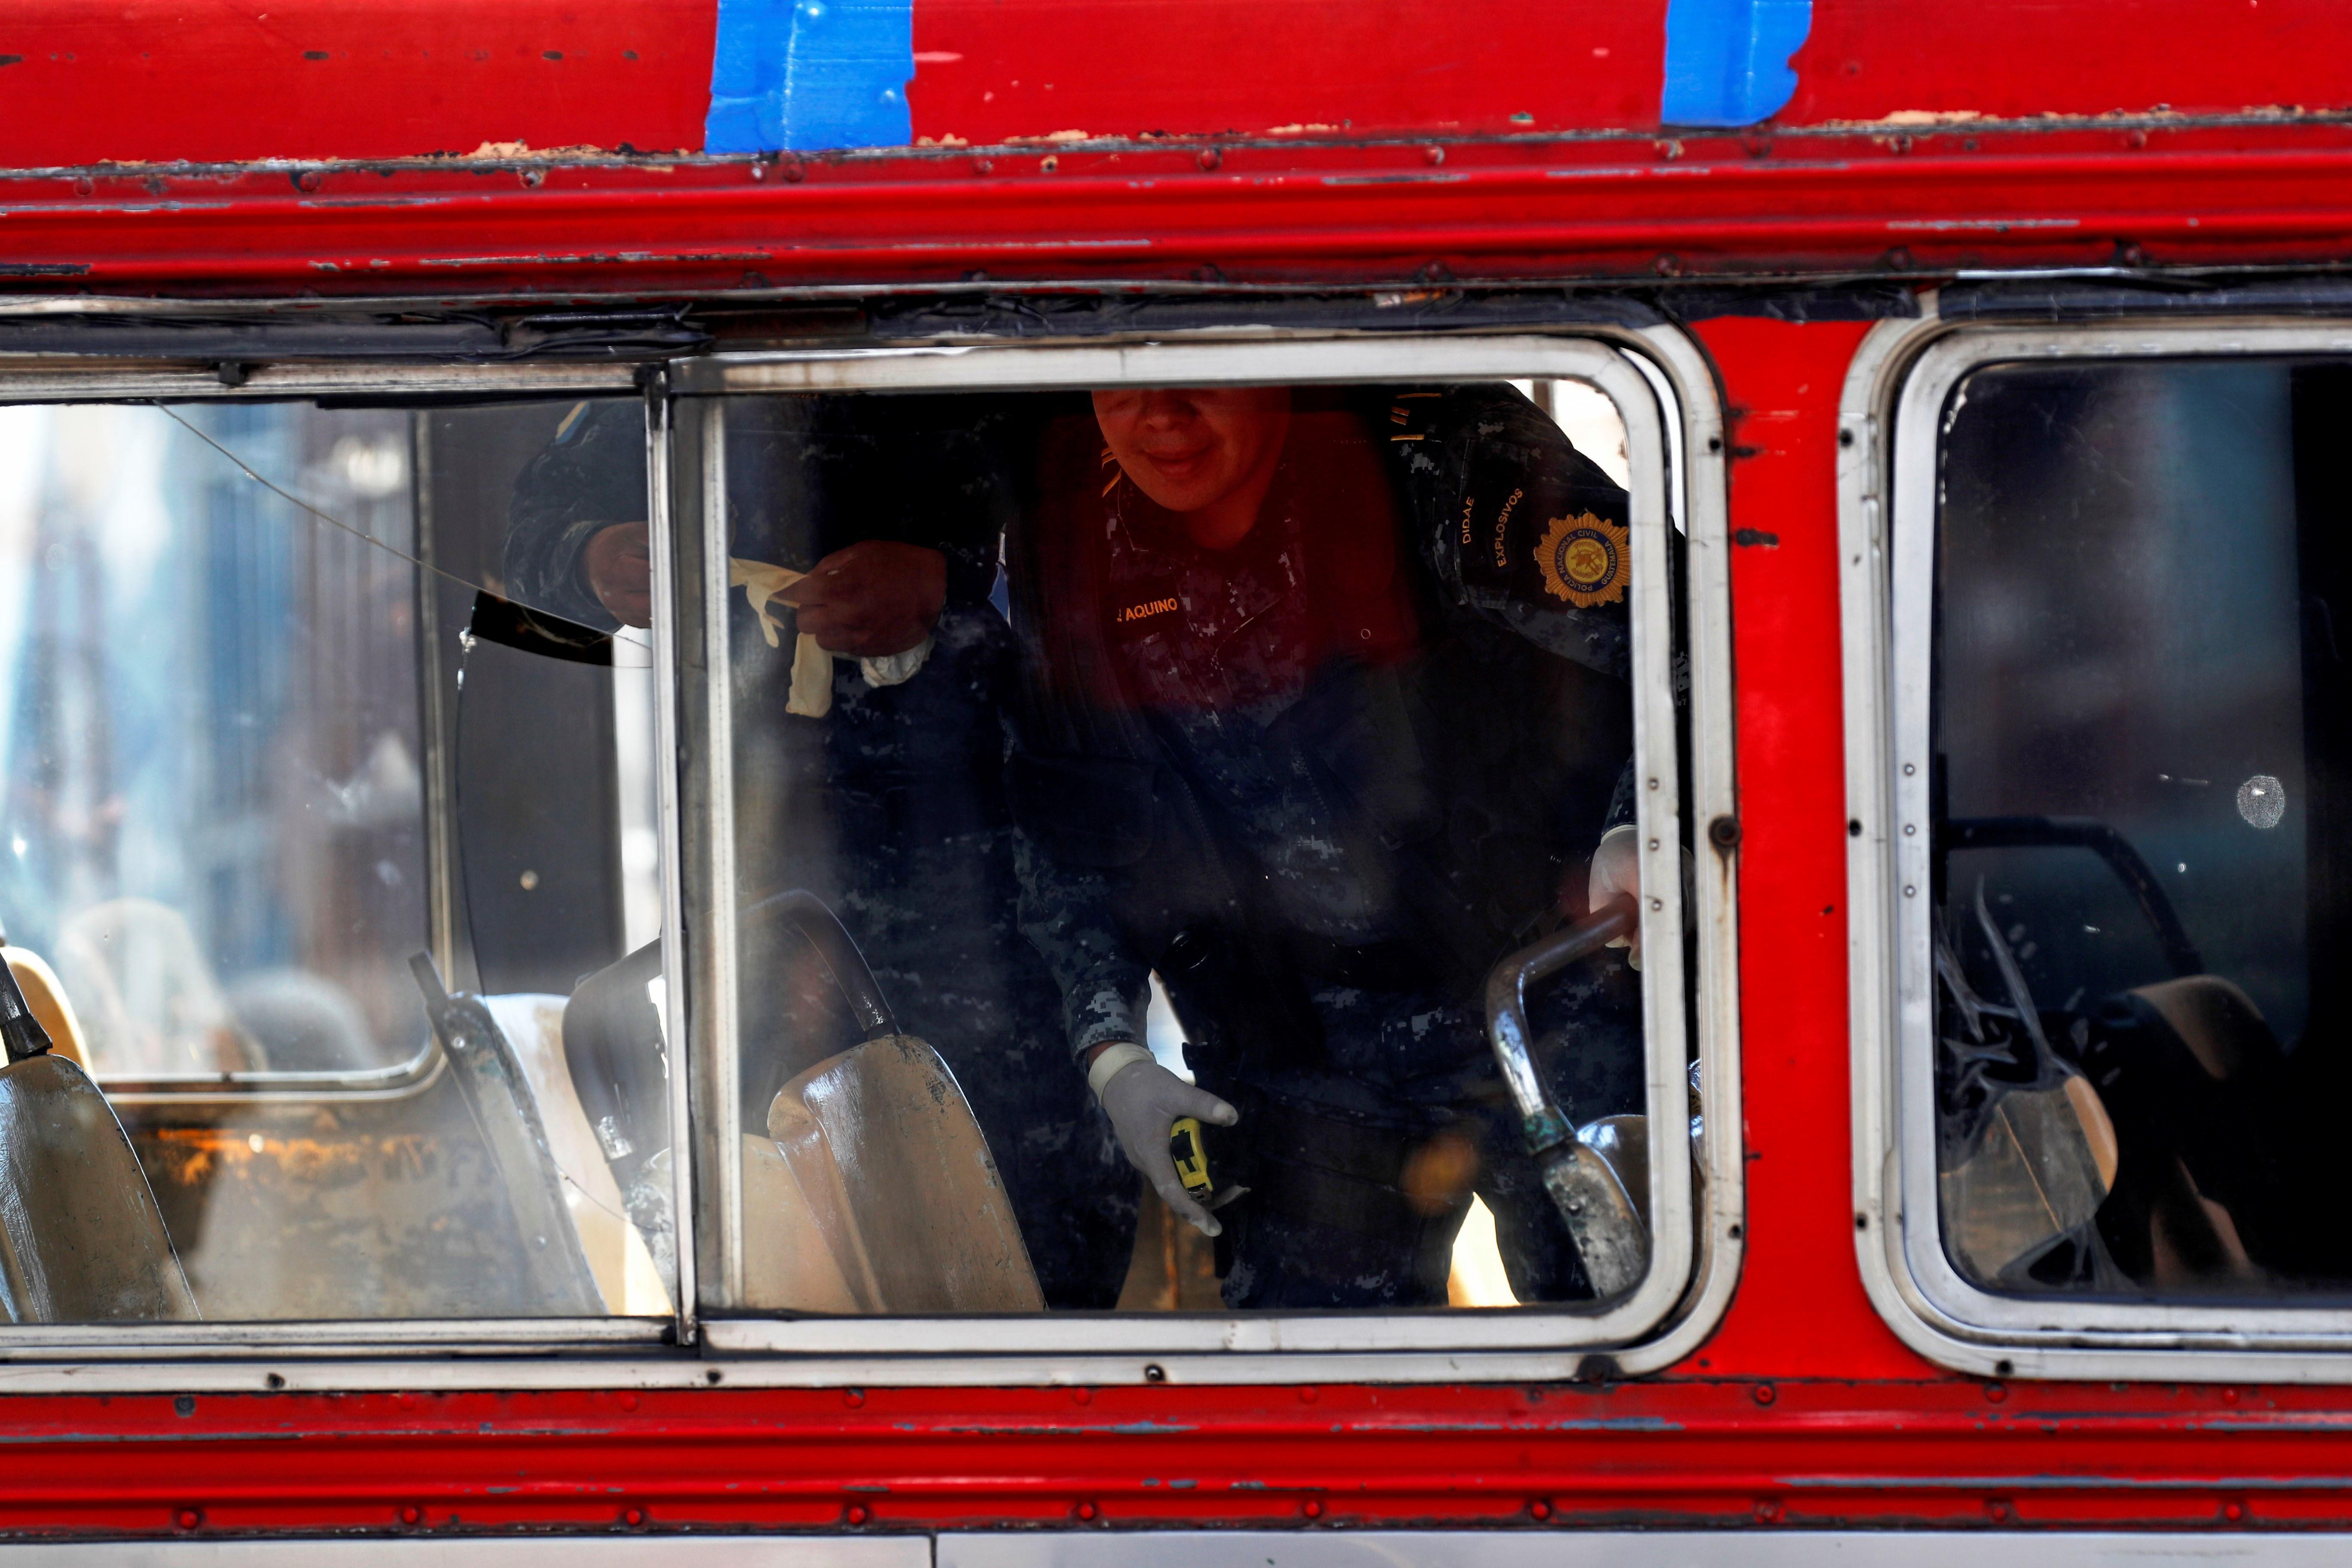 """AME584. CIUDAD DE GUATEMALA (GUATEMALA), 21/01/2019.- Policías expertos en explosivos trabajan este lunes en el lugar donde se produjo la detonación de una granada en un autobús de pasajeros, en Ciudad de Guatemala (Guatemala). Como """"fortuita"""" calificó el Gobierno de Guatemala la detonación de un artefacto en un autobús de pasajeros este lunes que dejó seis heridos, incluida la supuesta pandillera que llevaba el explosivo. El ministro de Gobernación (Interior), Enrique Degenhart, explicó en una conferencia de prensa que no era una granada de fragmentación sino un artefacto de fabricación casera que la mujer transportaba para amenazar al chófer como parte del cobro de una extorsión. EFE/Esteban Biba"""